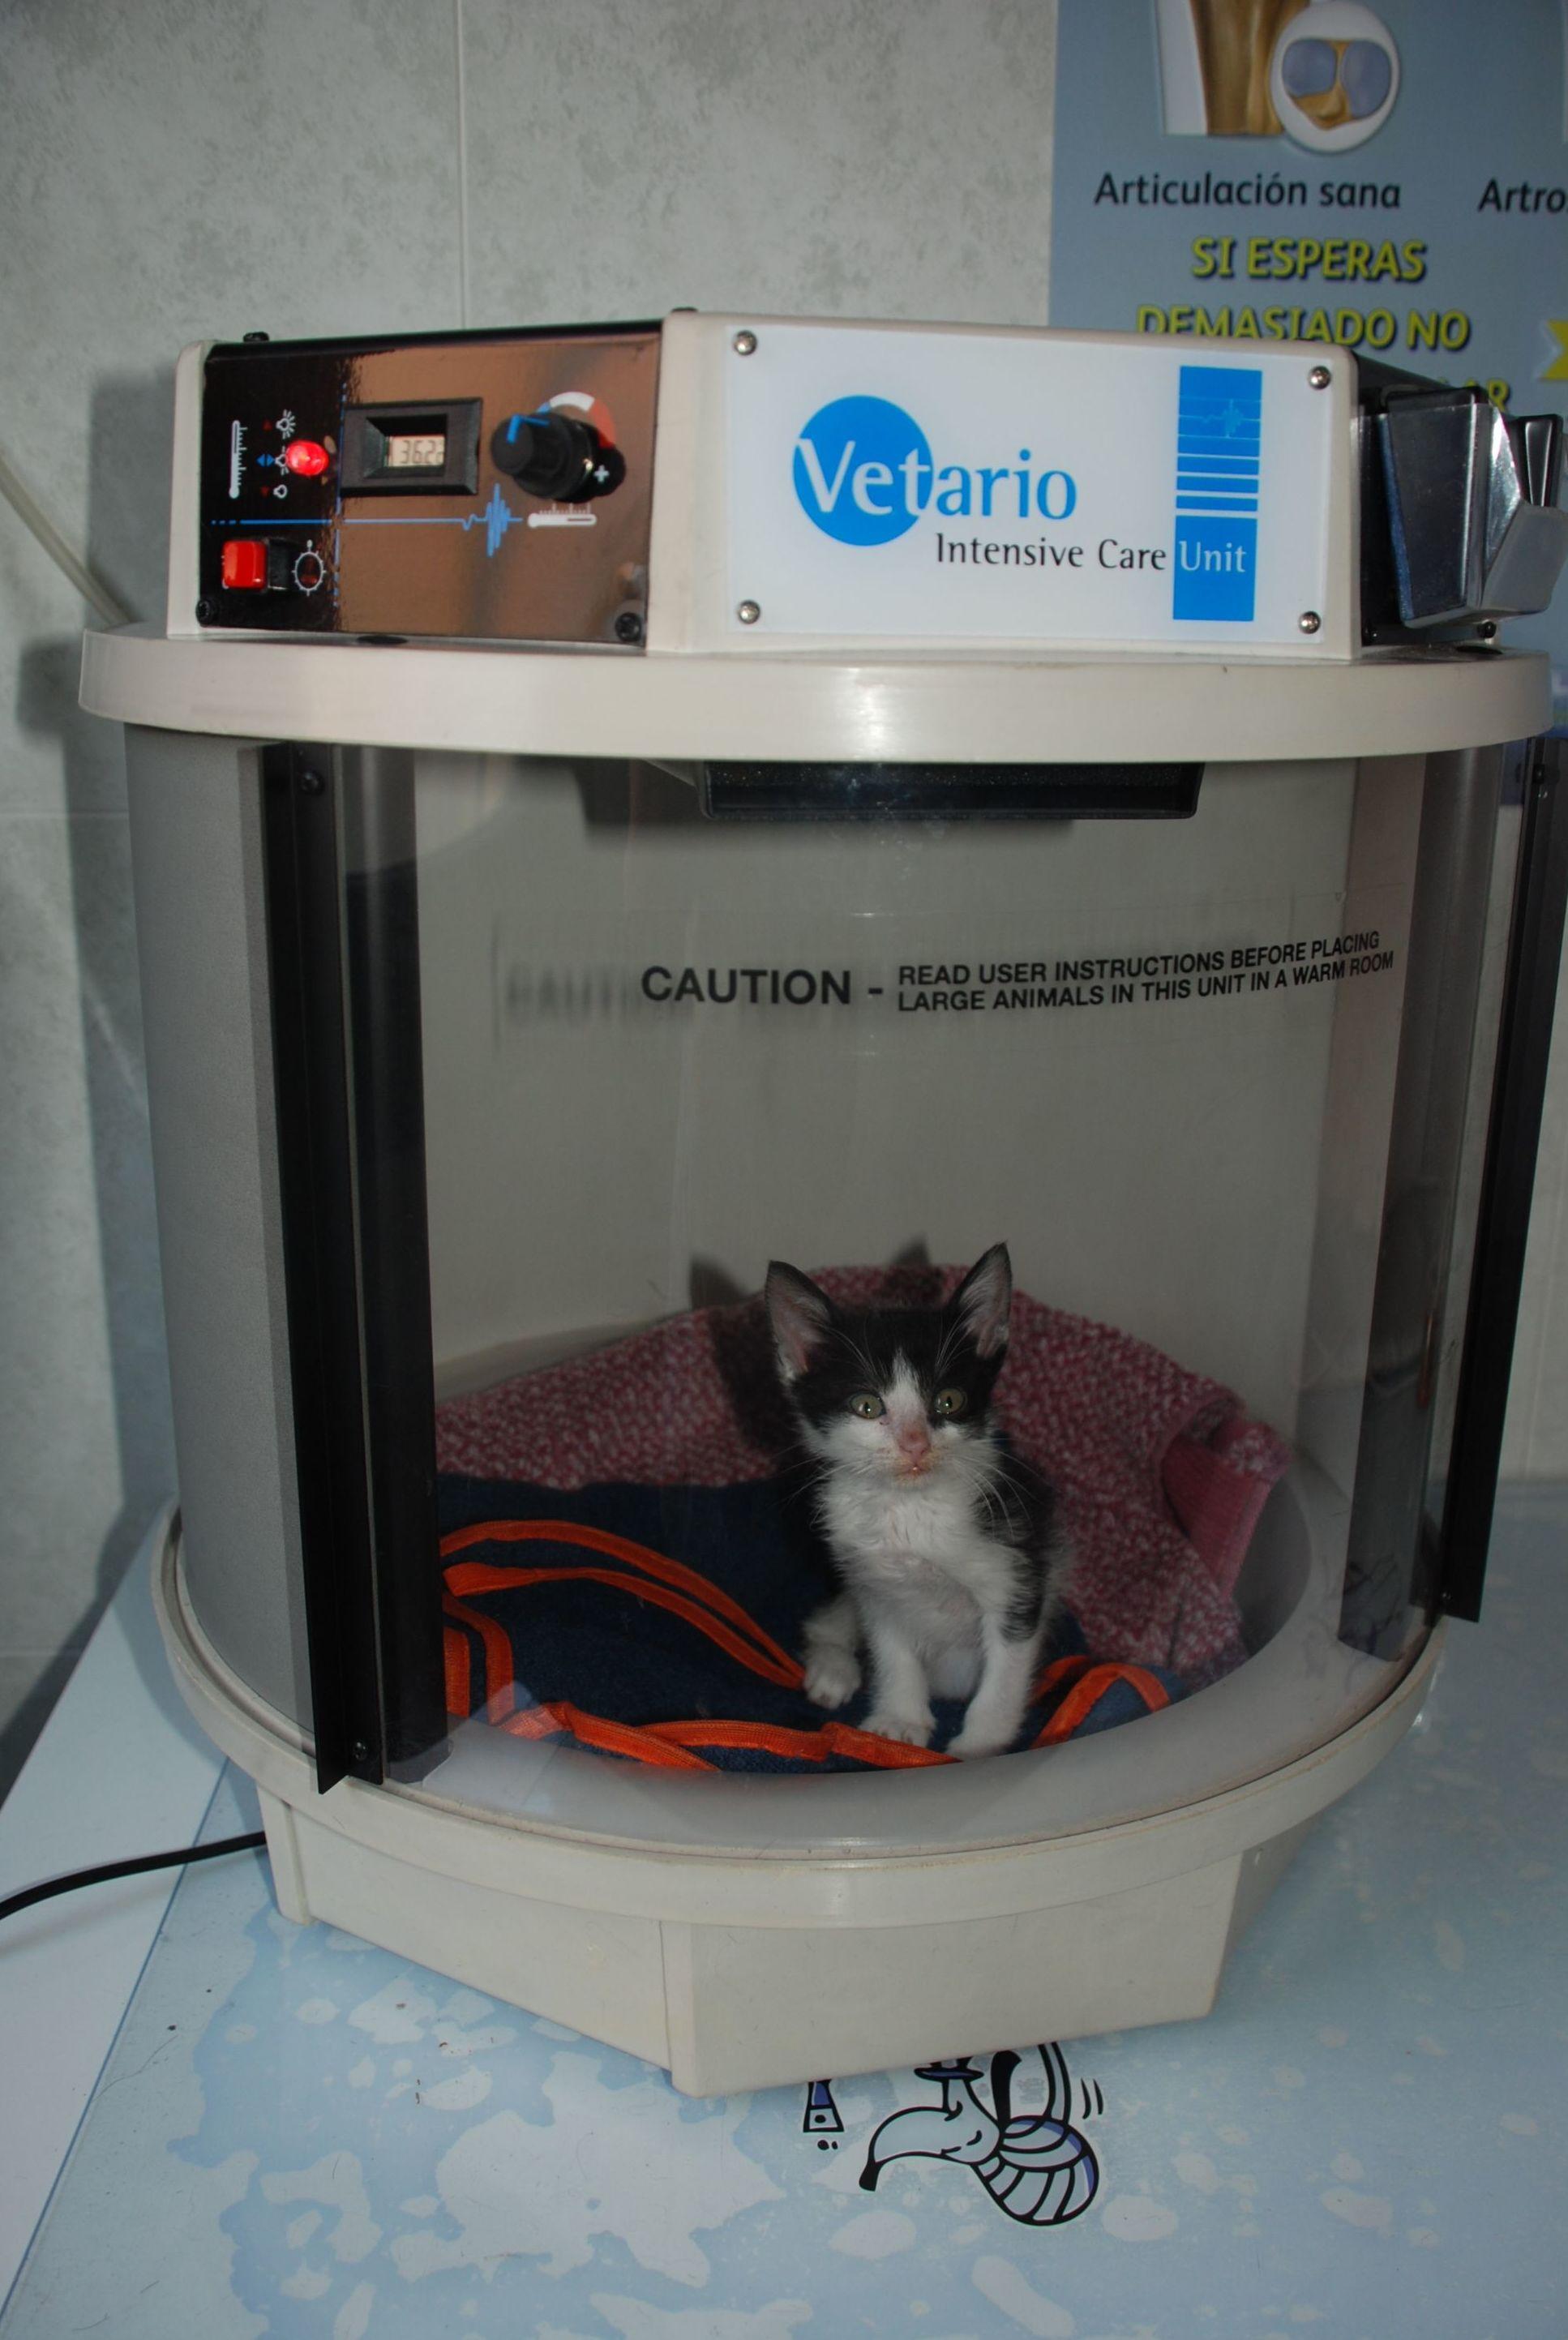 Sueroterapia clínica veterinaria  Mostoles http://www.veterinariosmostoles.com/es/